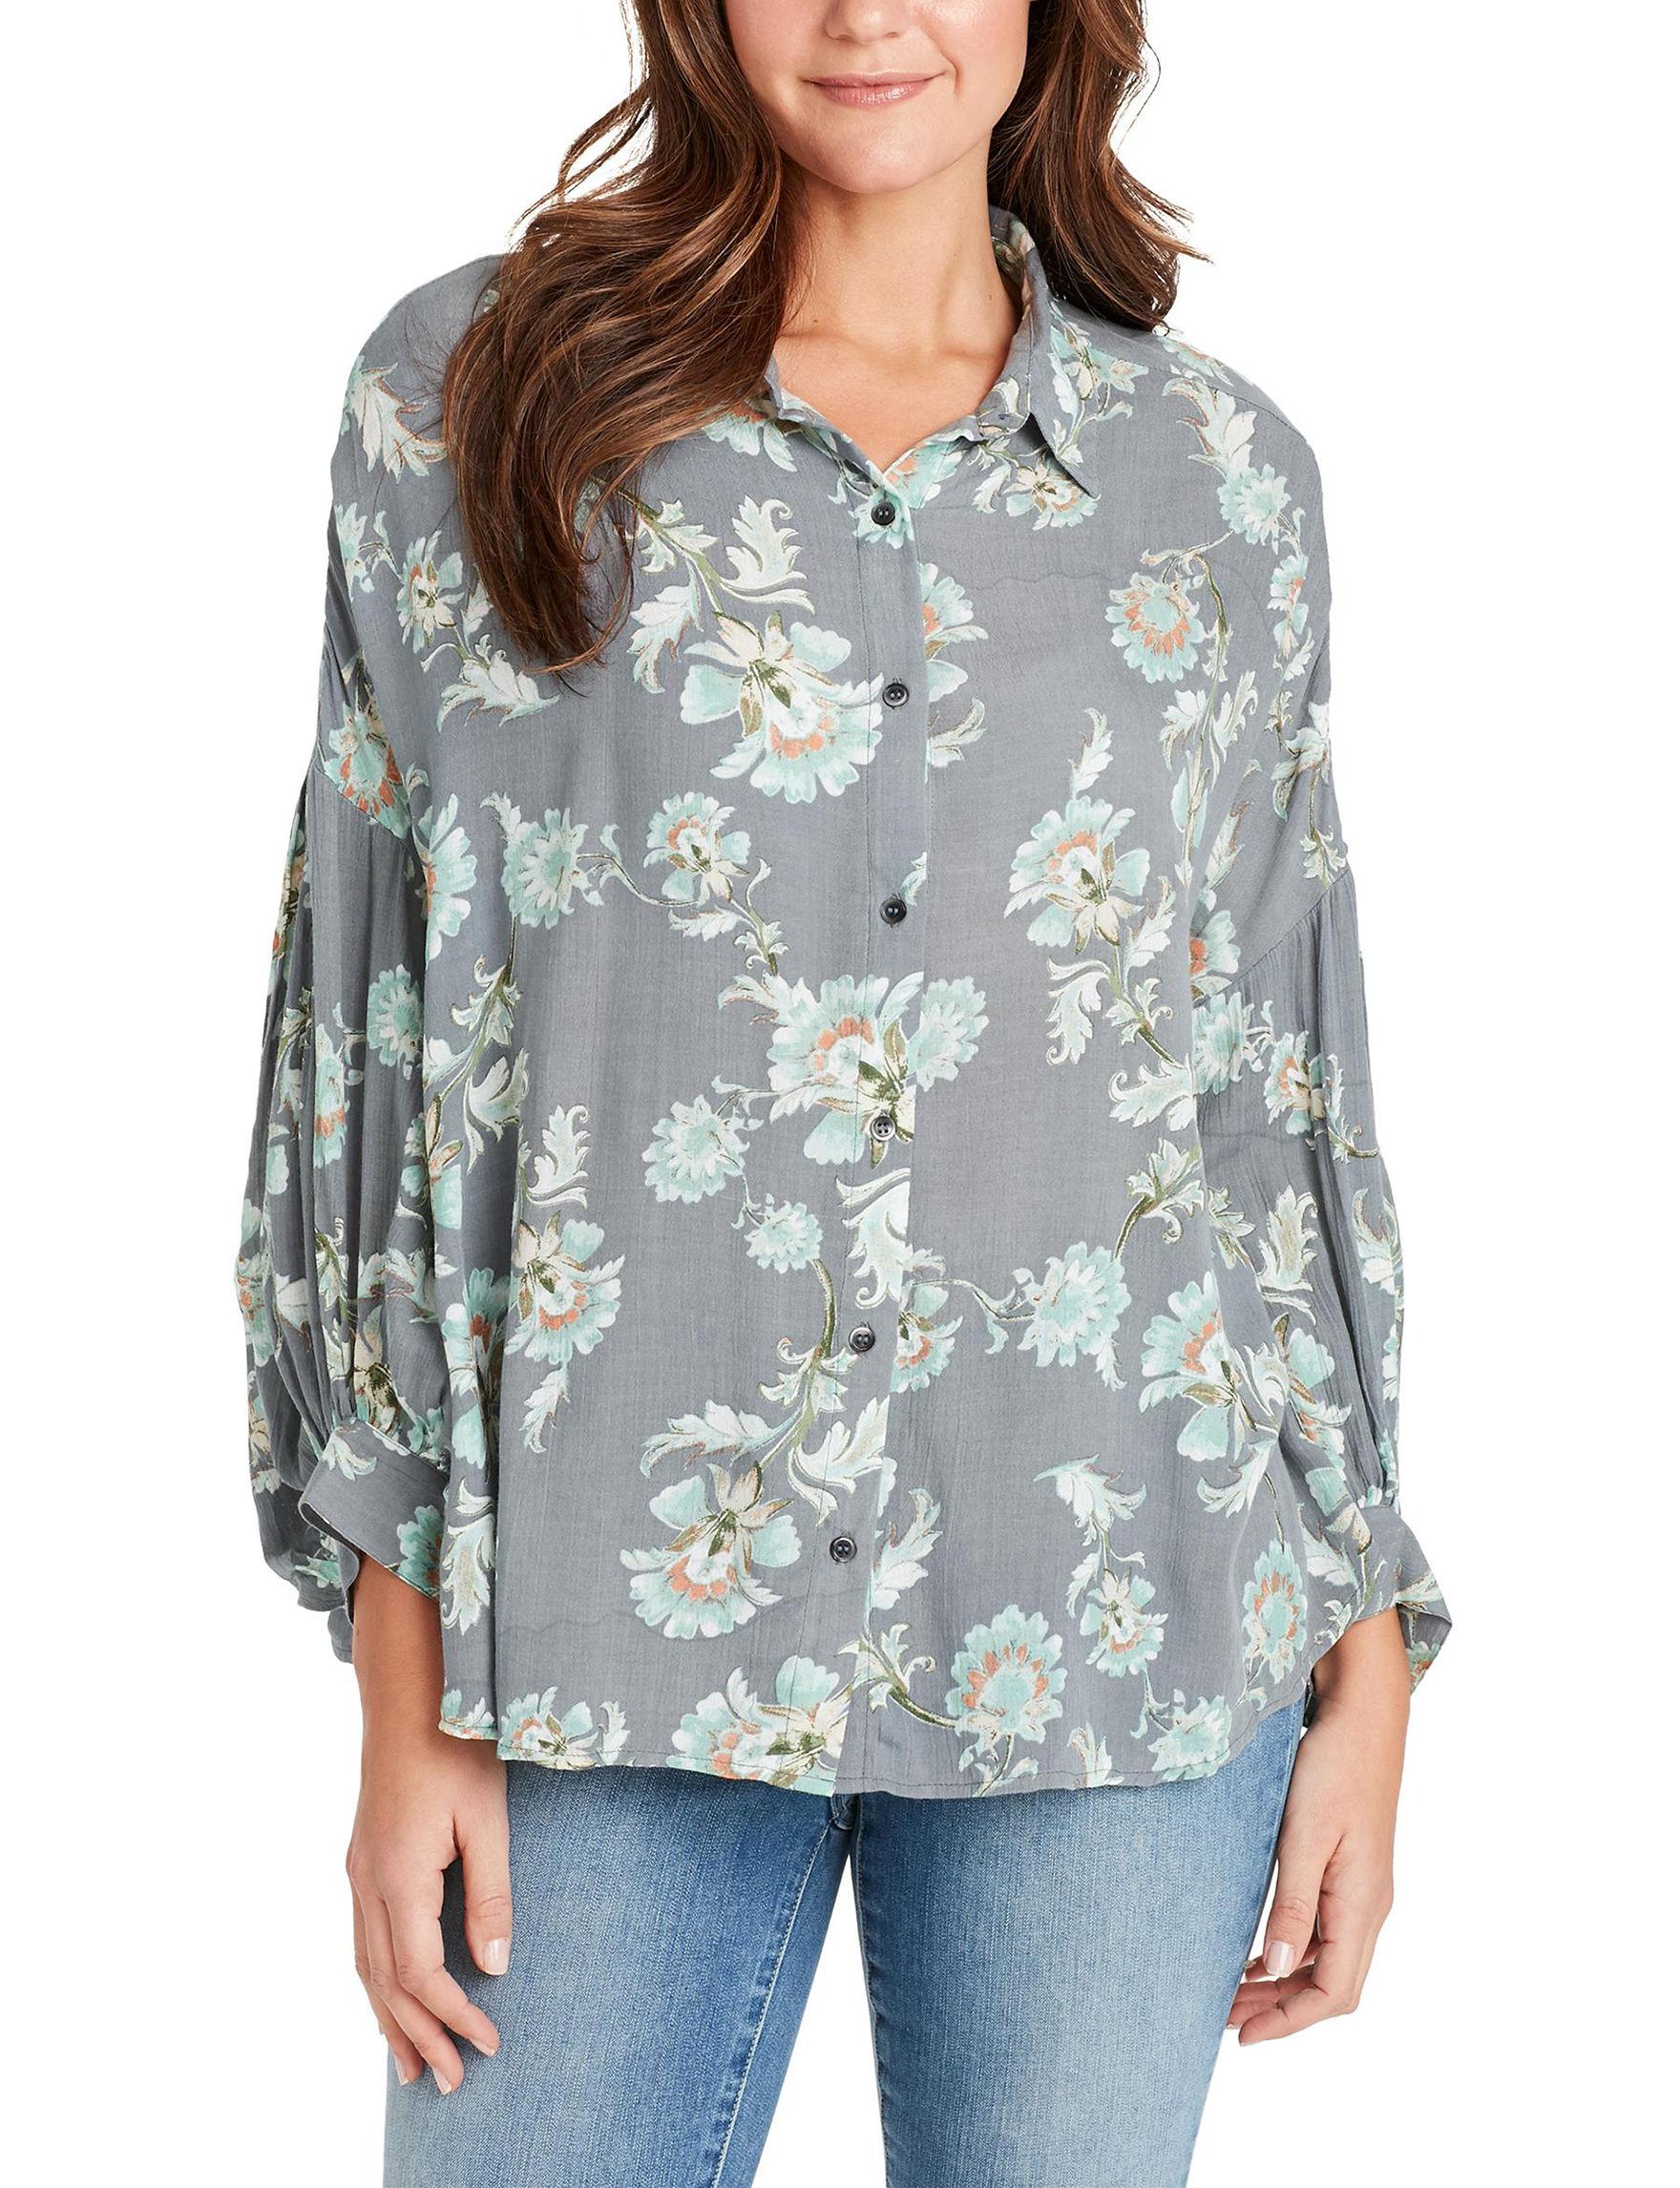 Nine West Grey Shirts & Blouses